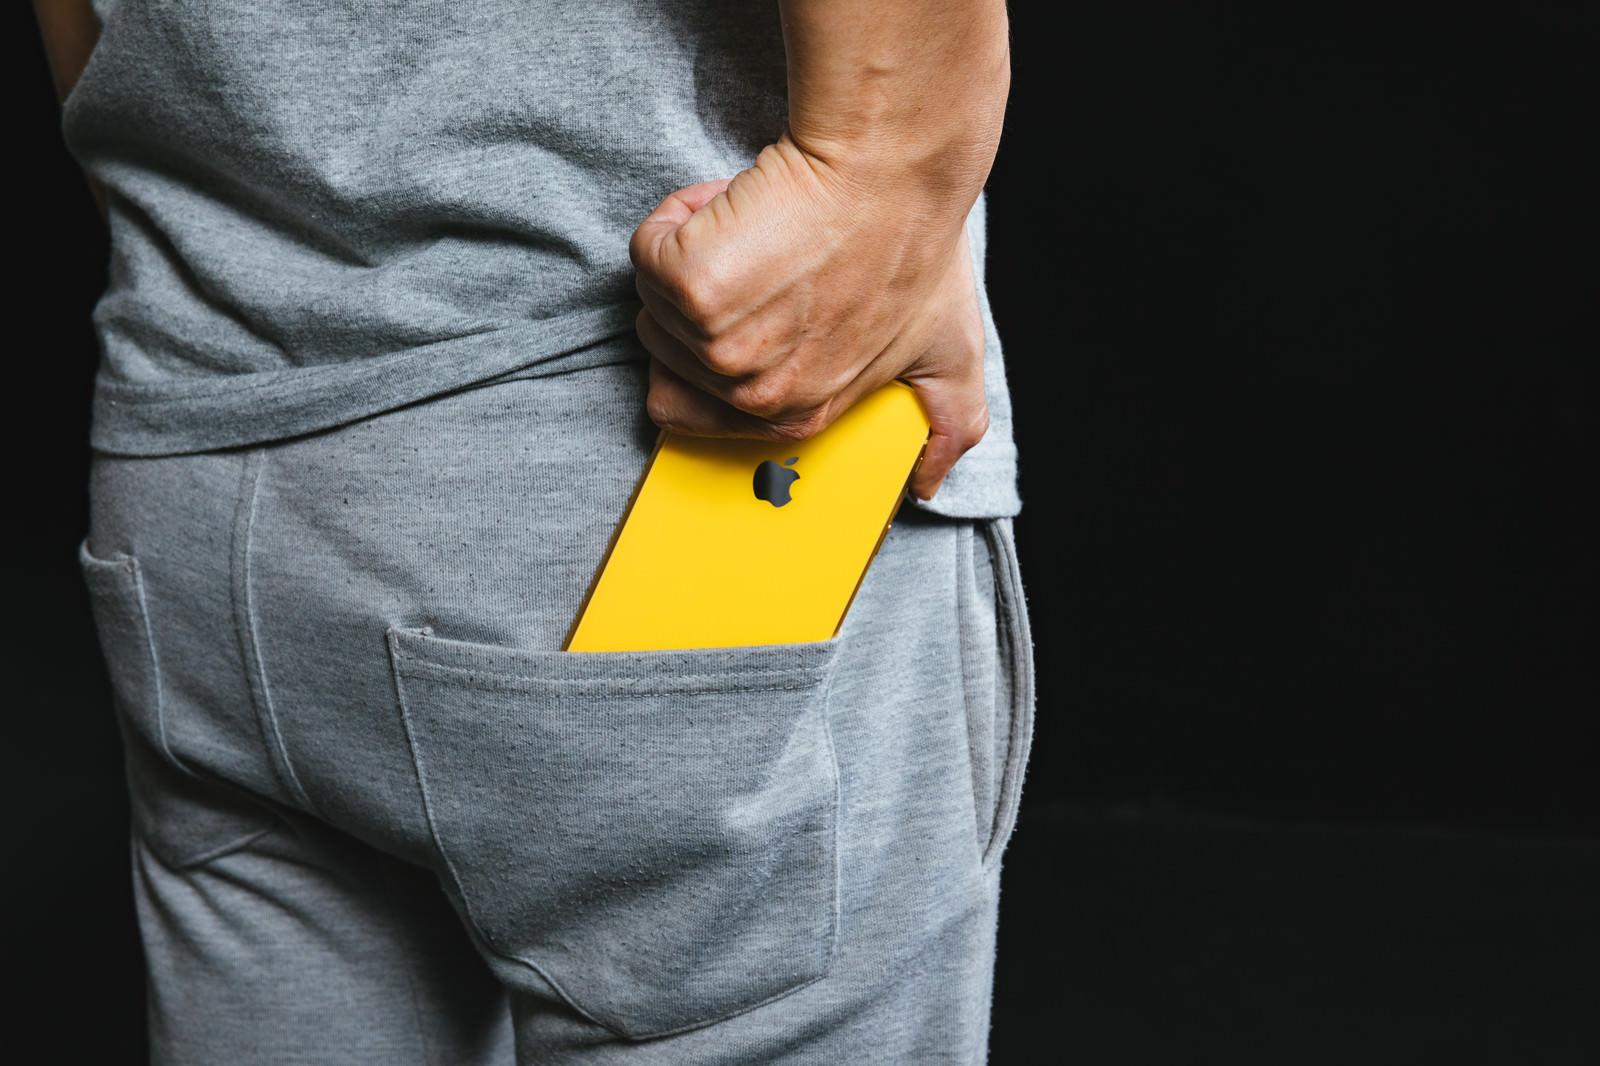 「スウェットの後ろポケットに iPhoneXR を入れる」の写真